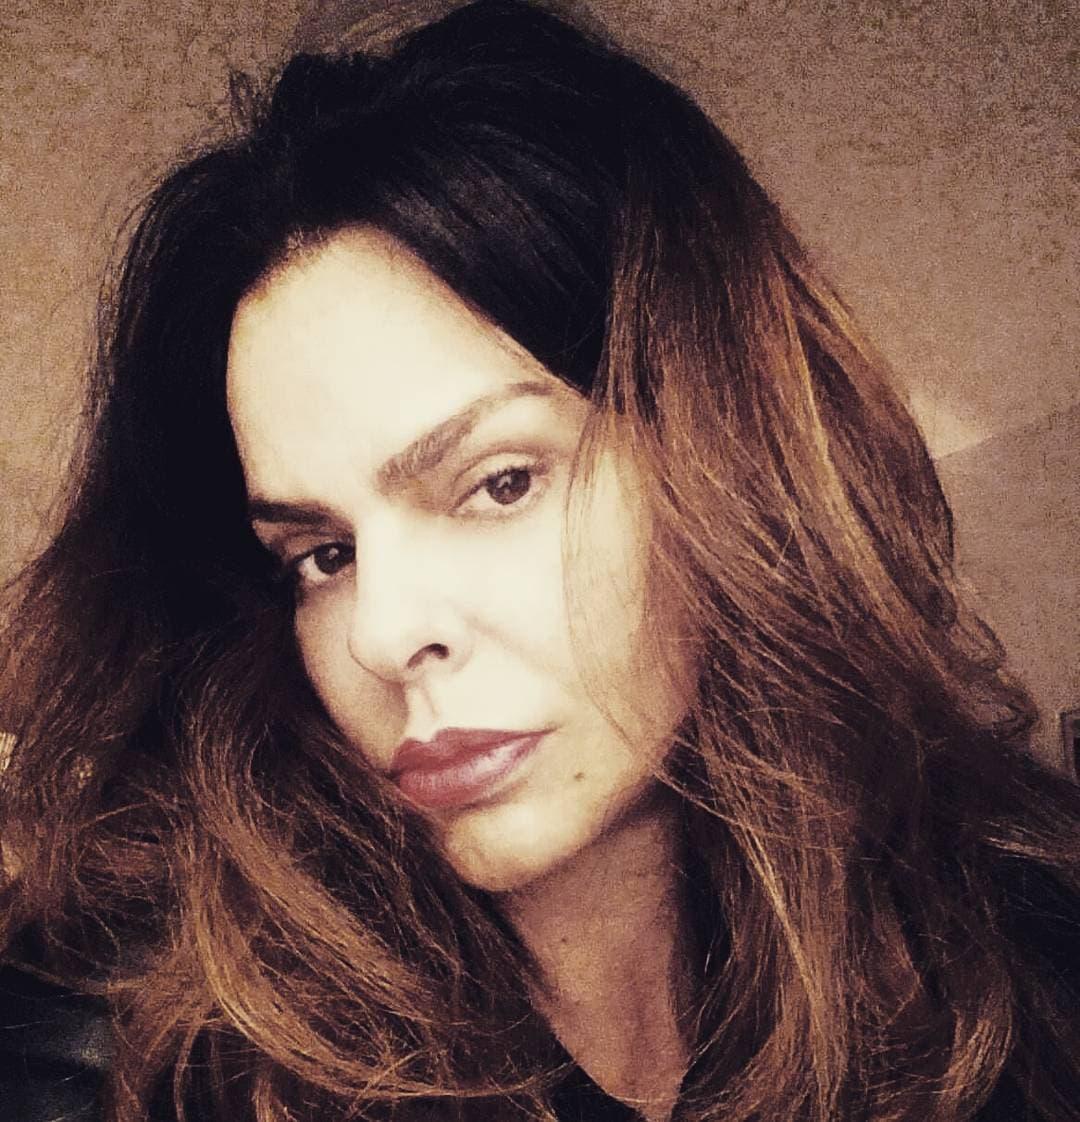 Glumici su zbog statusa na Facebooku pretili smrću (foto: Instagram.com/srnalango)